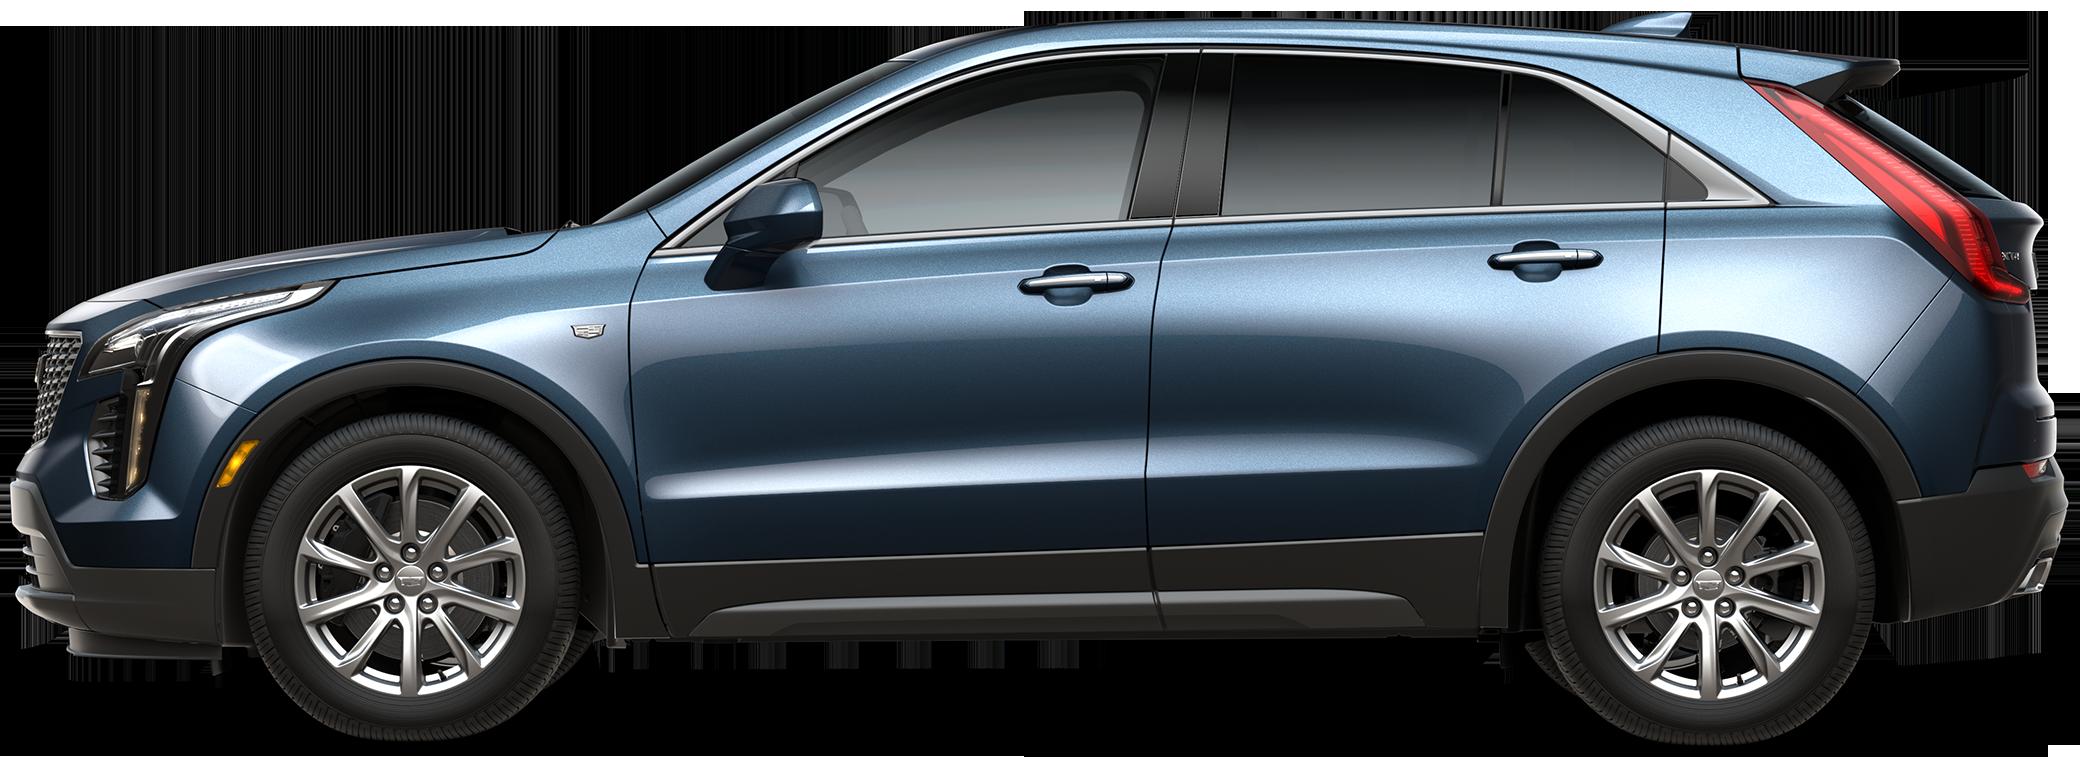 2020 CADILLAC XT4 VUS de luxe